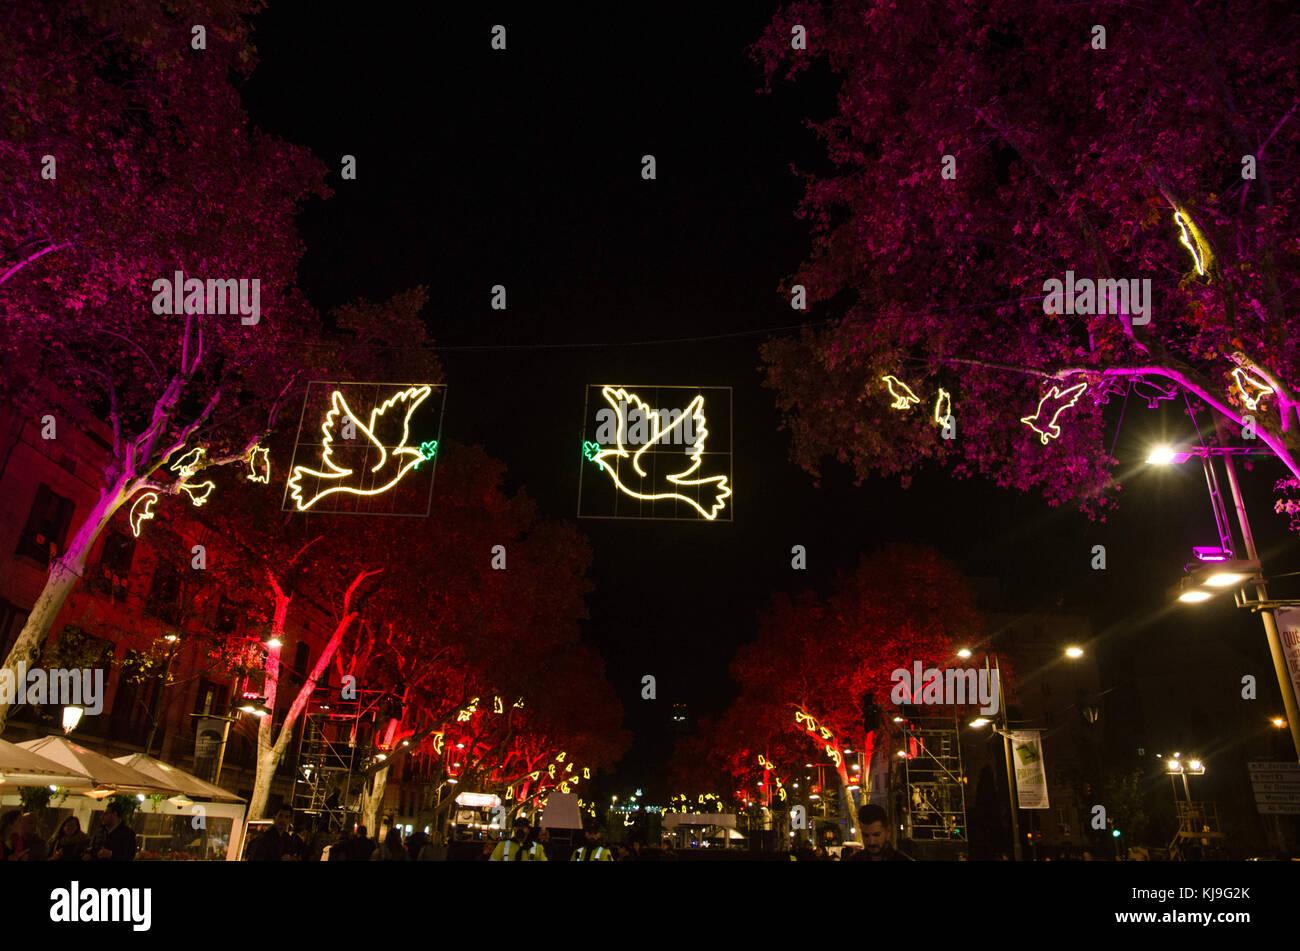 Stecker Für Weihnachtsbeleuchtung.Barcelona Katalonien Spanien 23 Nov 2017 Allgemeine Ansicht Der